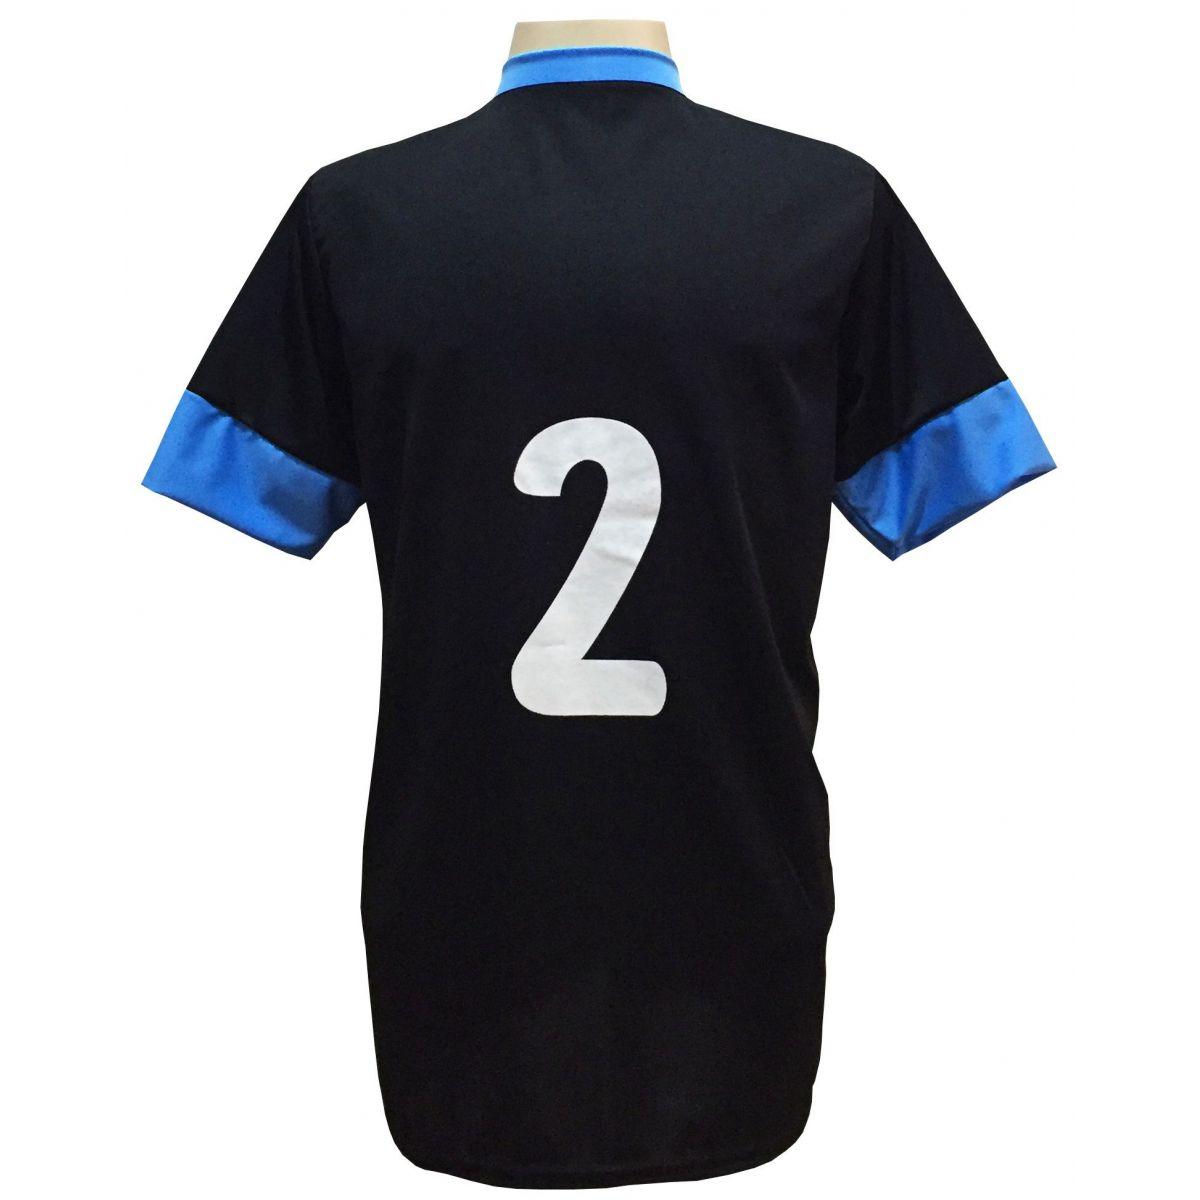 Uniforme Esportivo com 18 camisas modelo Columbus Preto/Celeste + 18 calções modelo Madrid + 1 Goleiro + Brindes